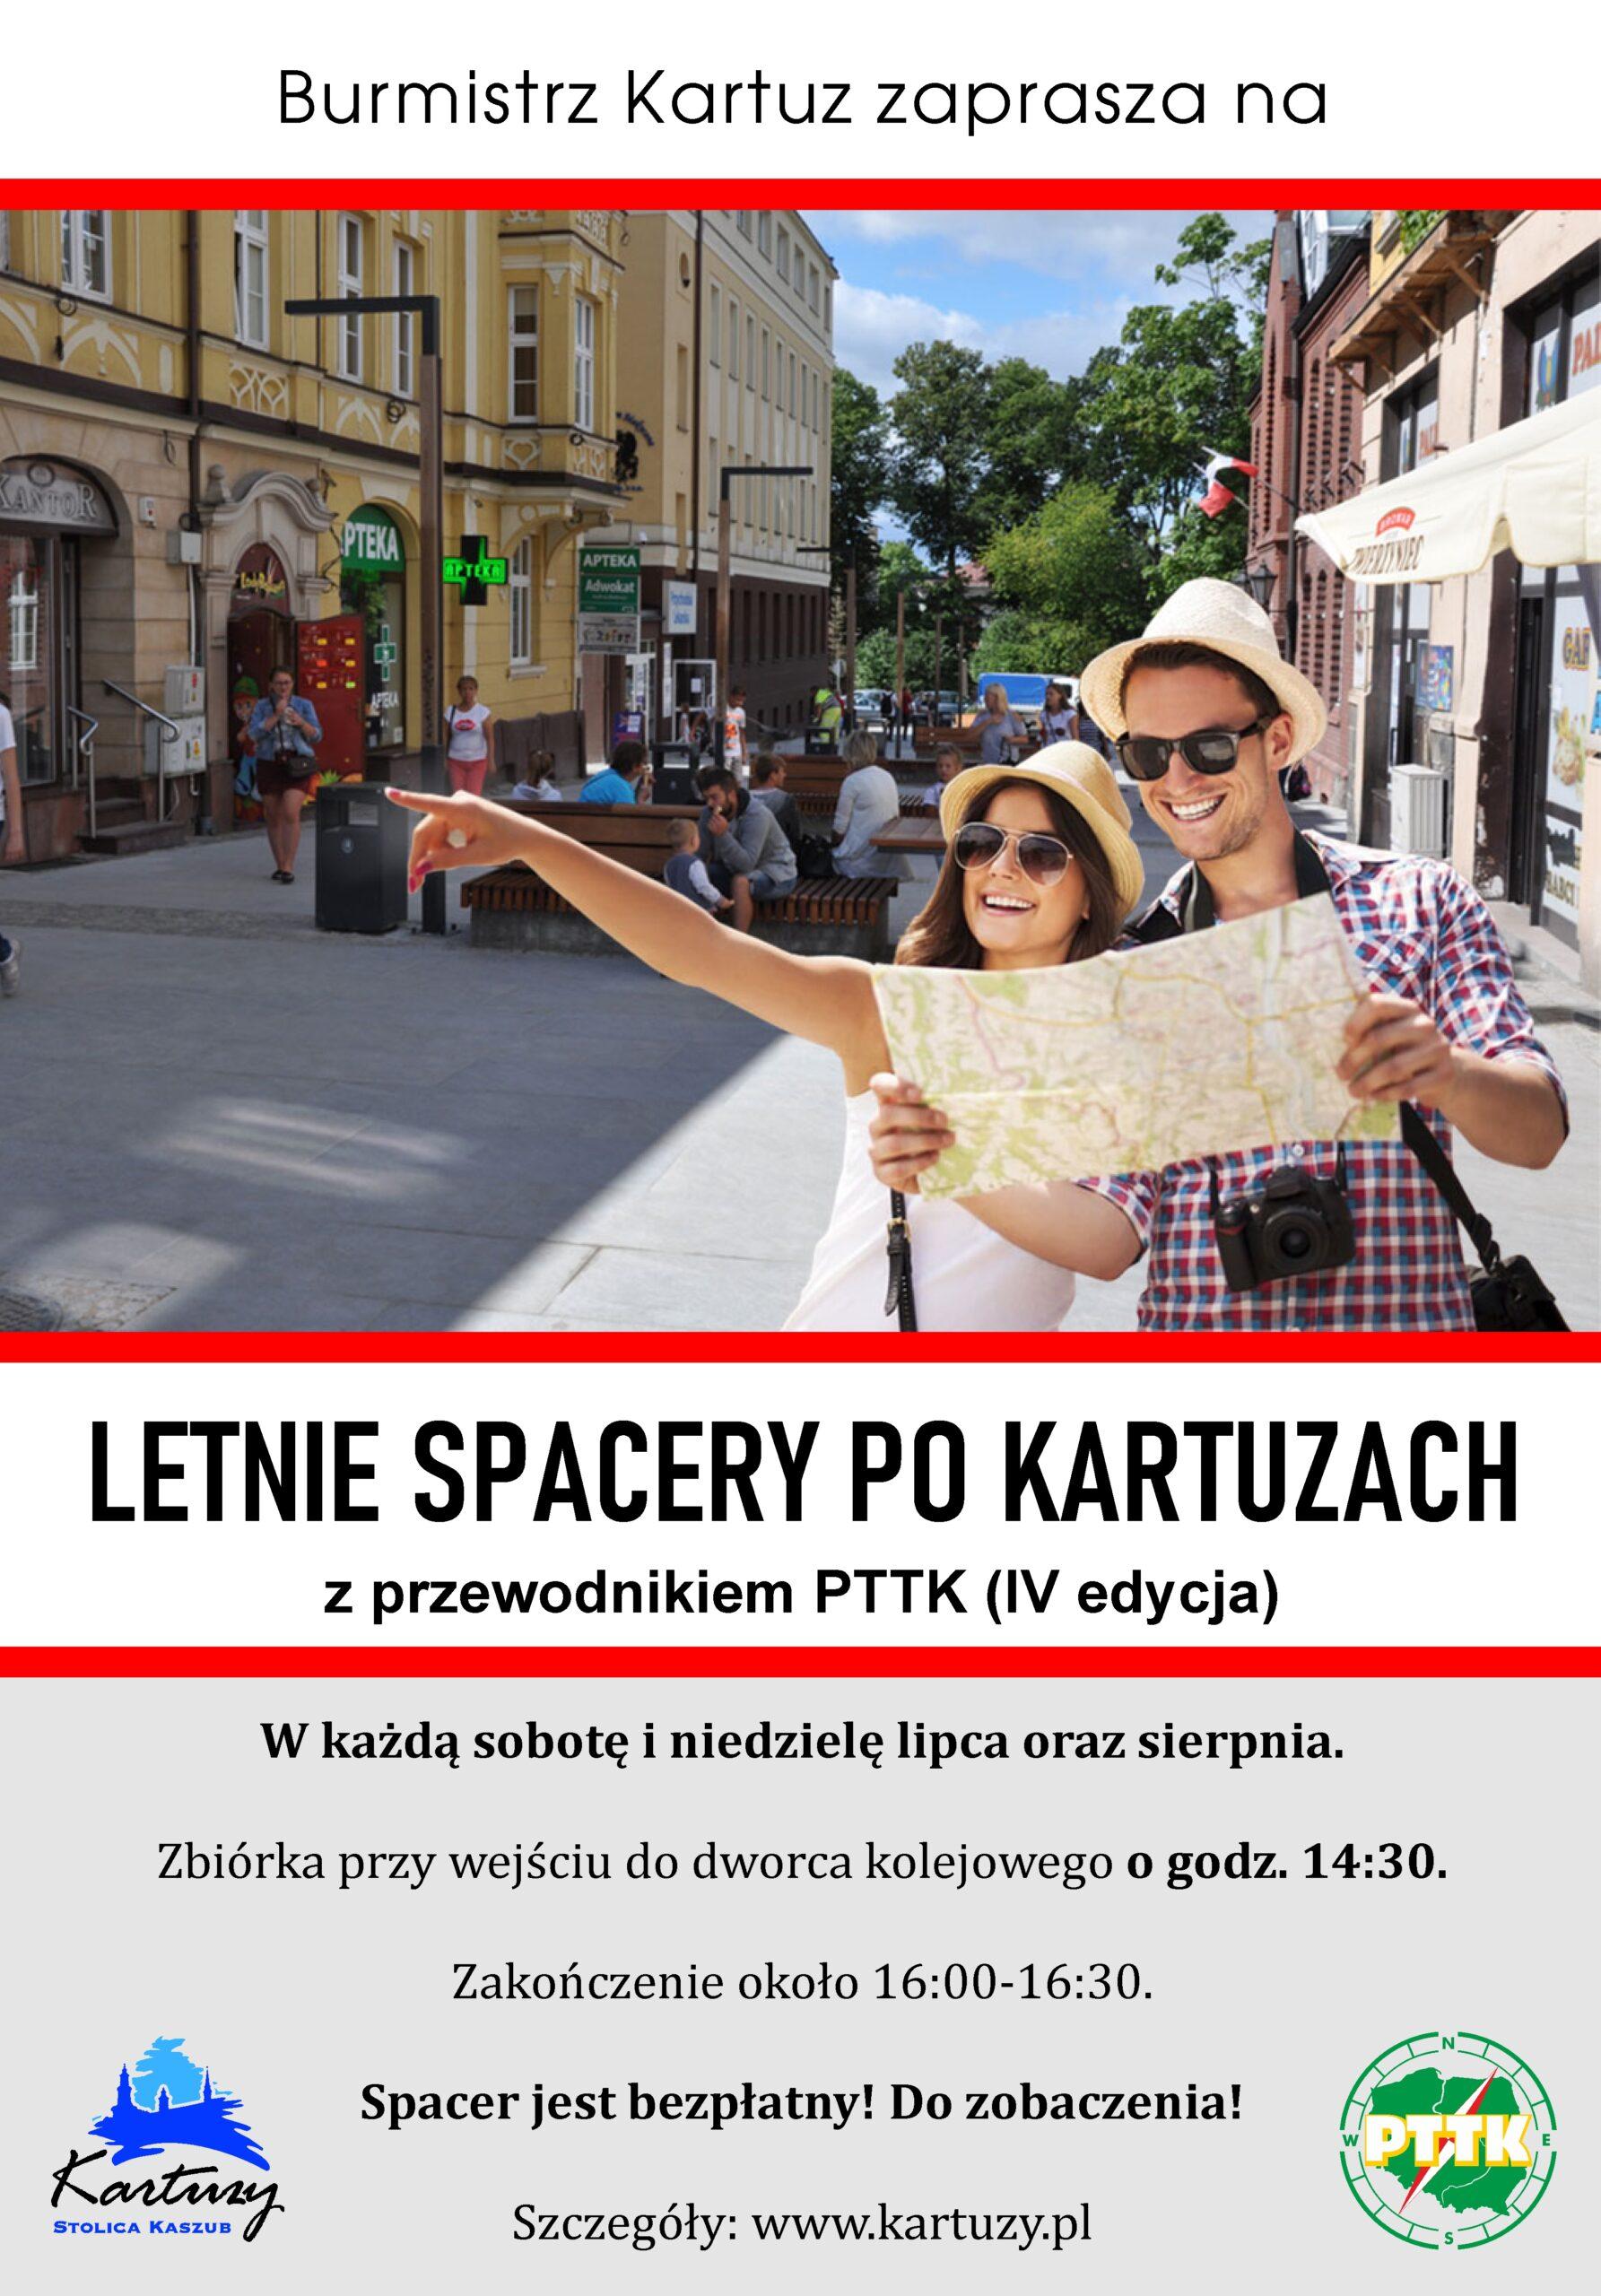 LETNIE SPACERY PO KARTUZACH